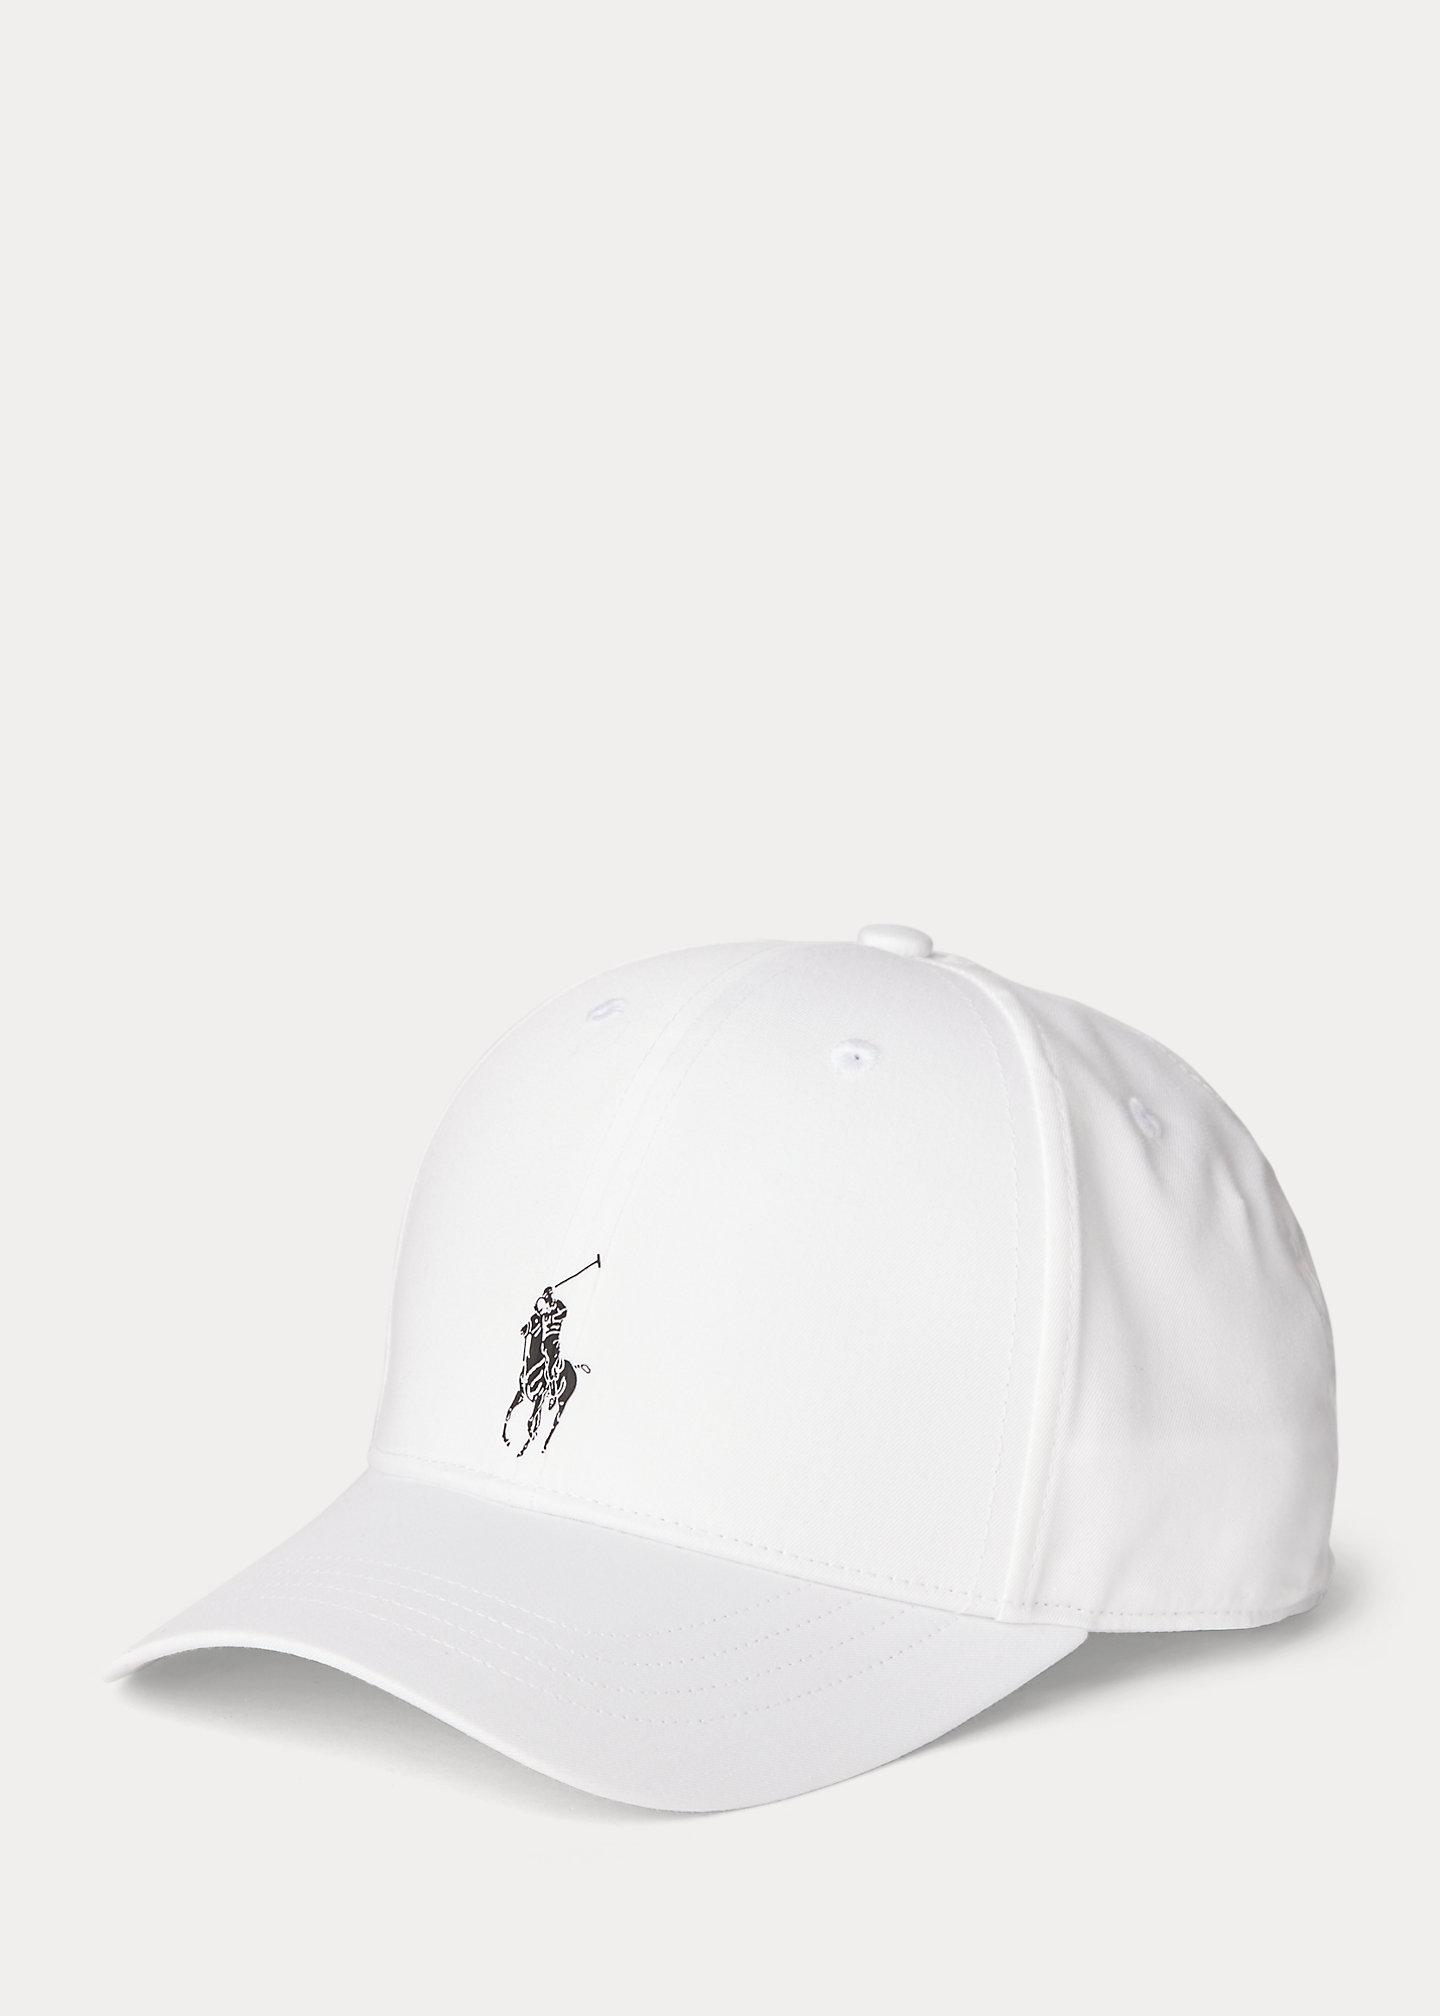 Polo Ralph Lauren Polo Pony Cotton Blend Ball Cap